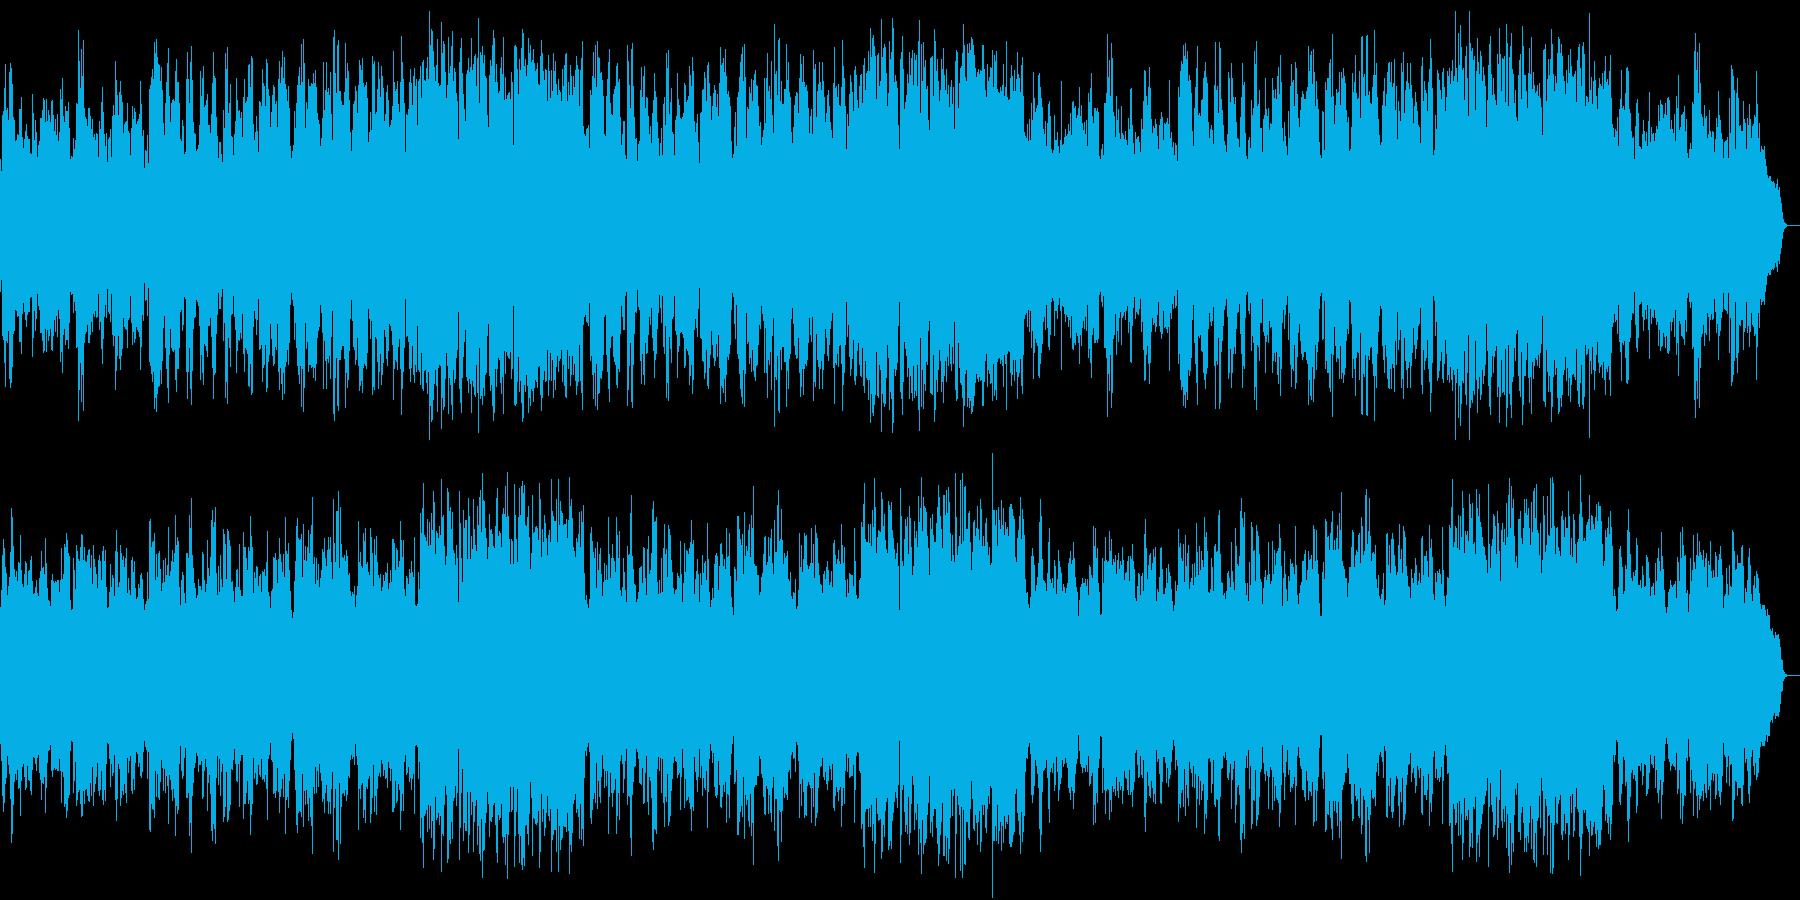 ミステリードラマの主題歌の様なムード歌謡の再生済みの波形